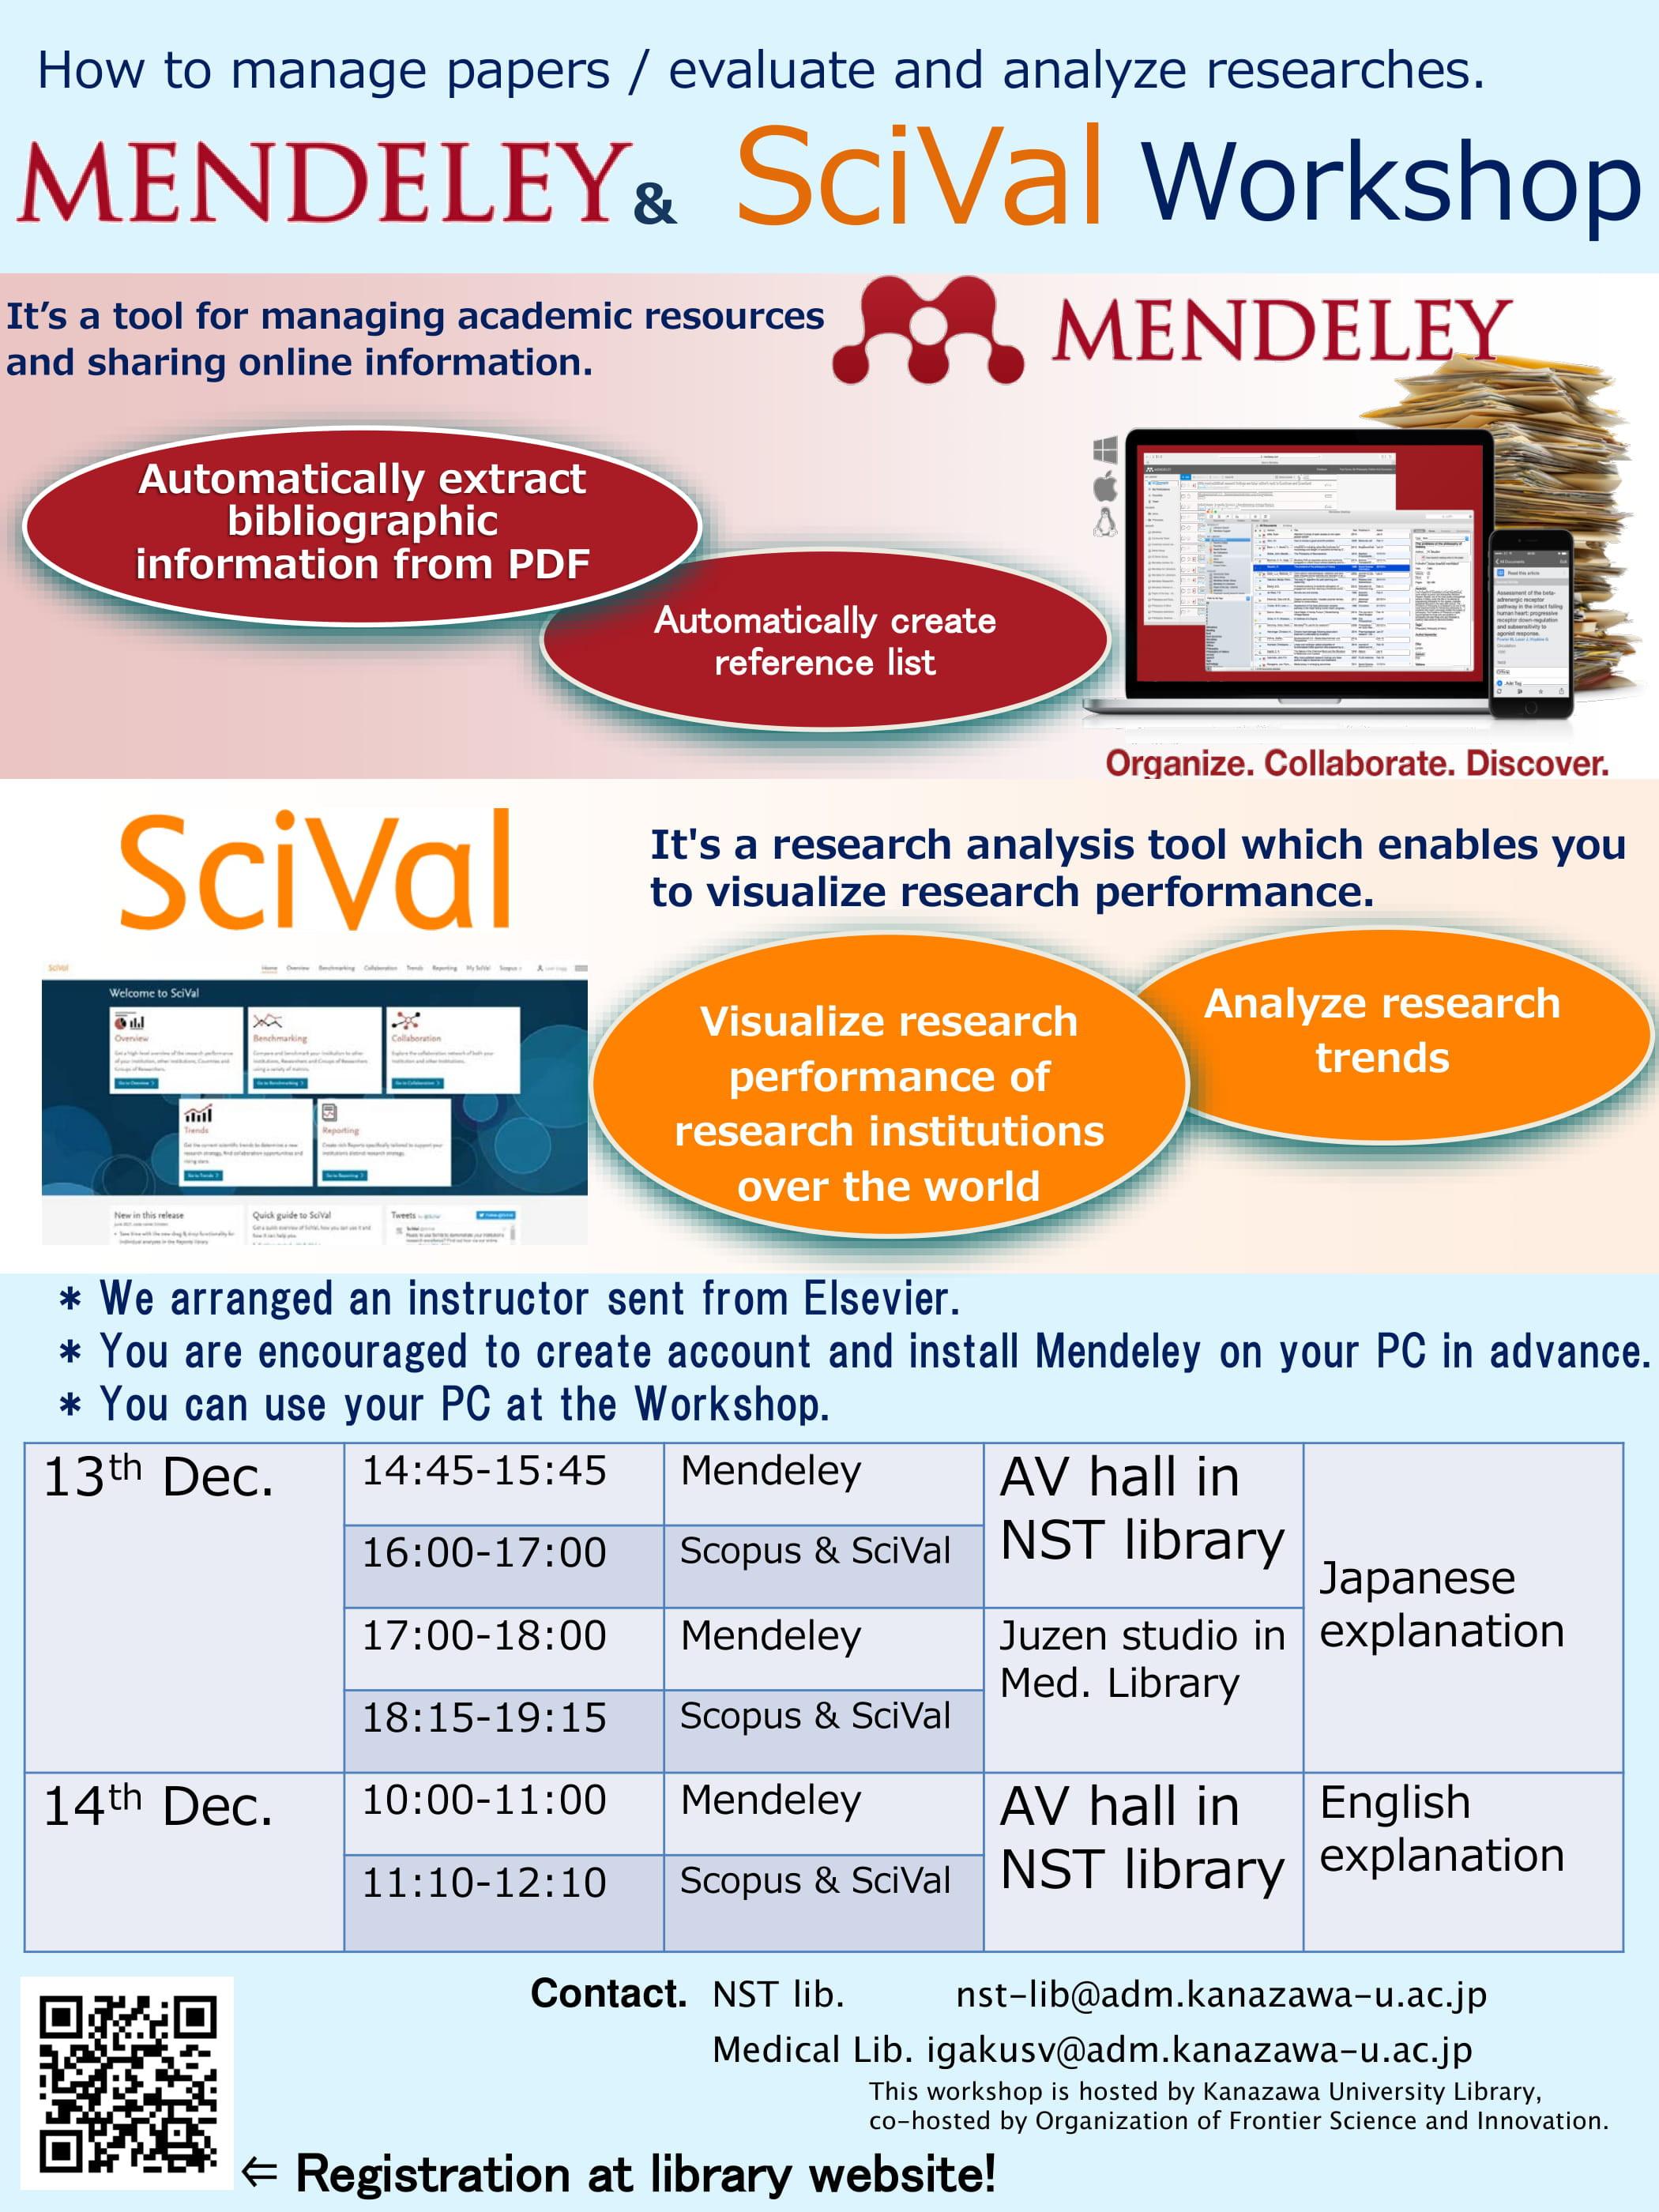 2018.DecMendeley & ScopusSciVal_Eng-1.jpg